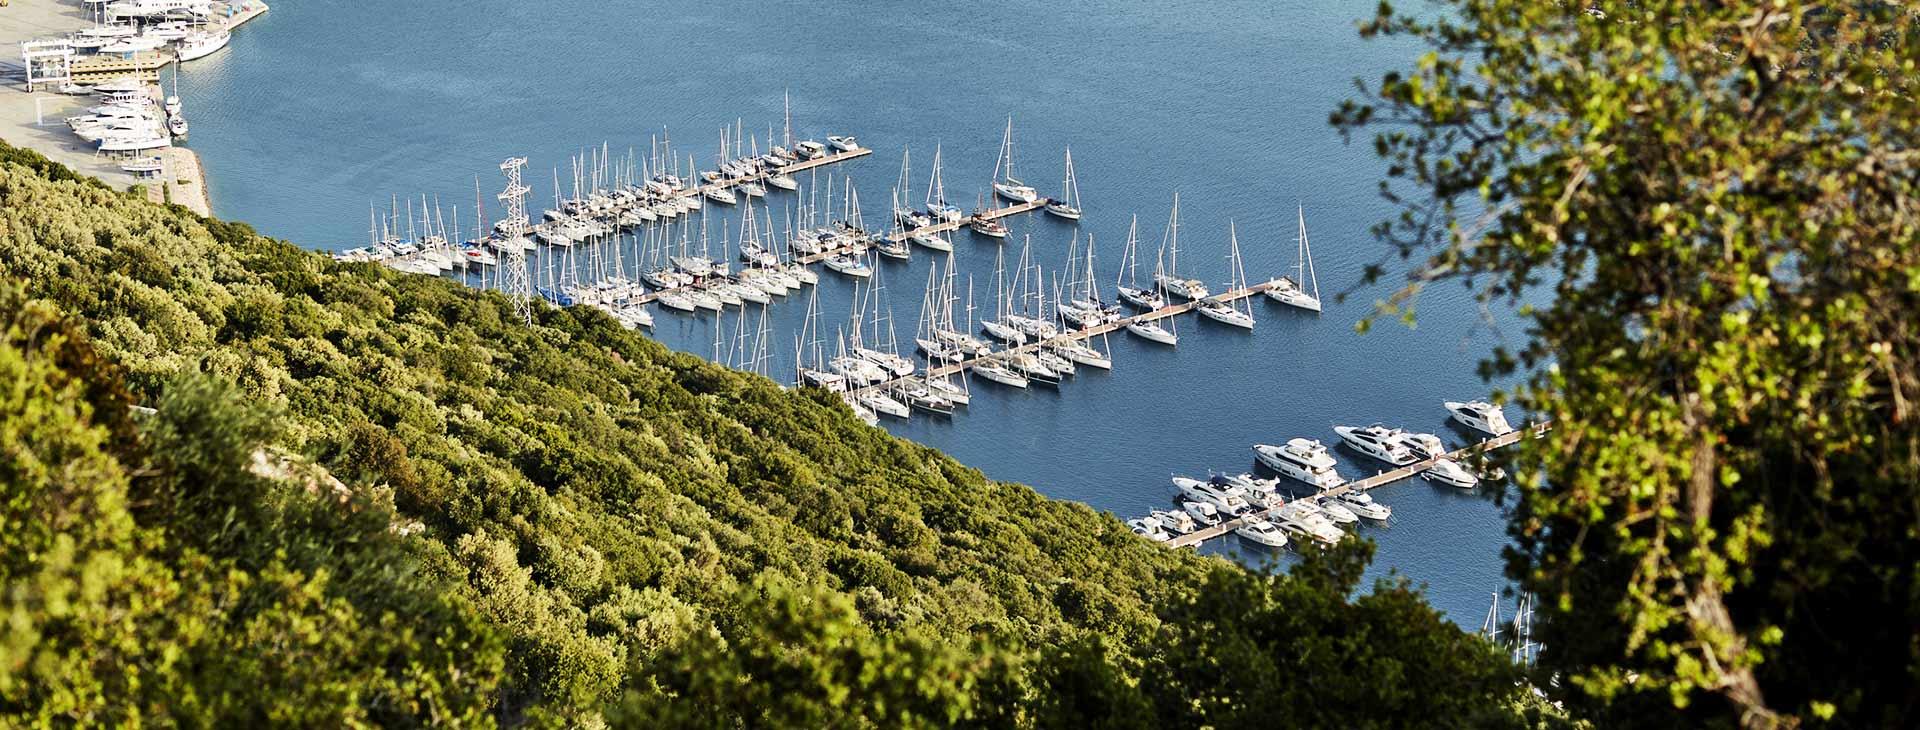 Chorwacja bez pośpiechu - Hotel & Villas Plat